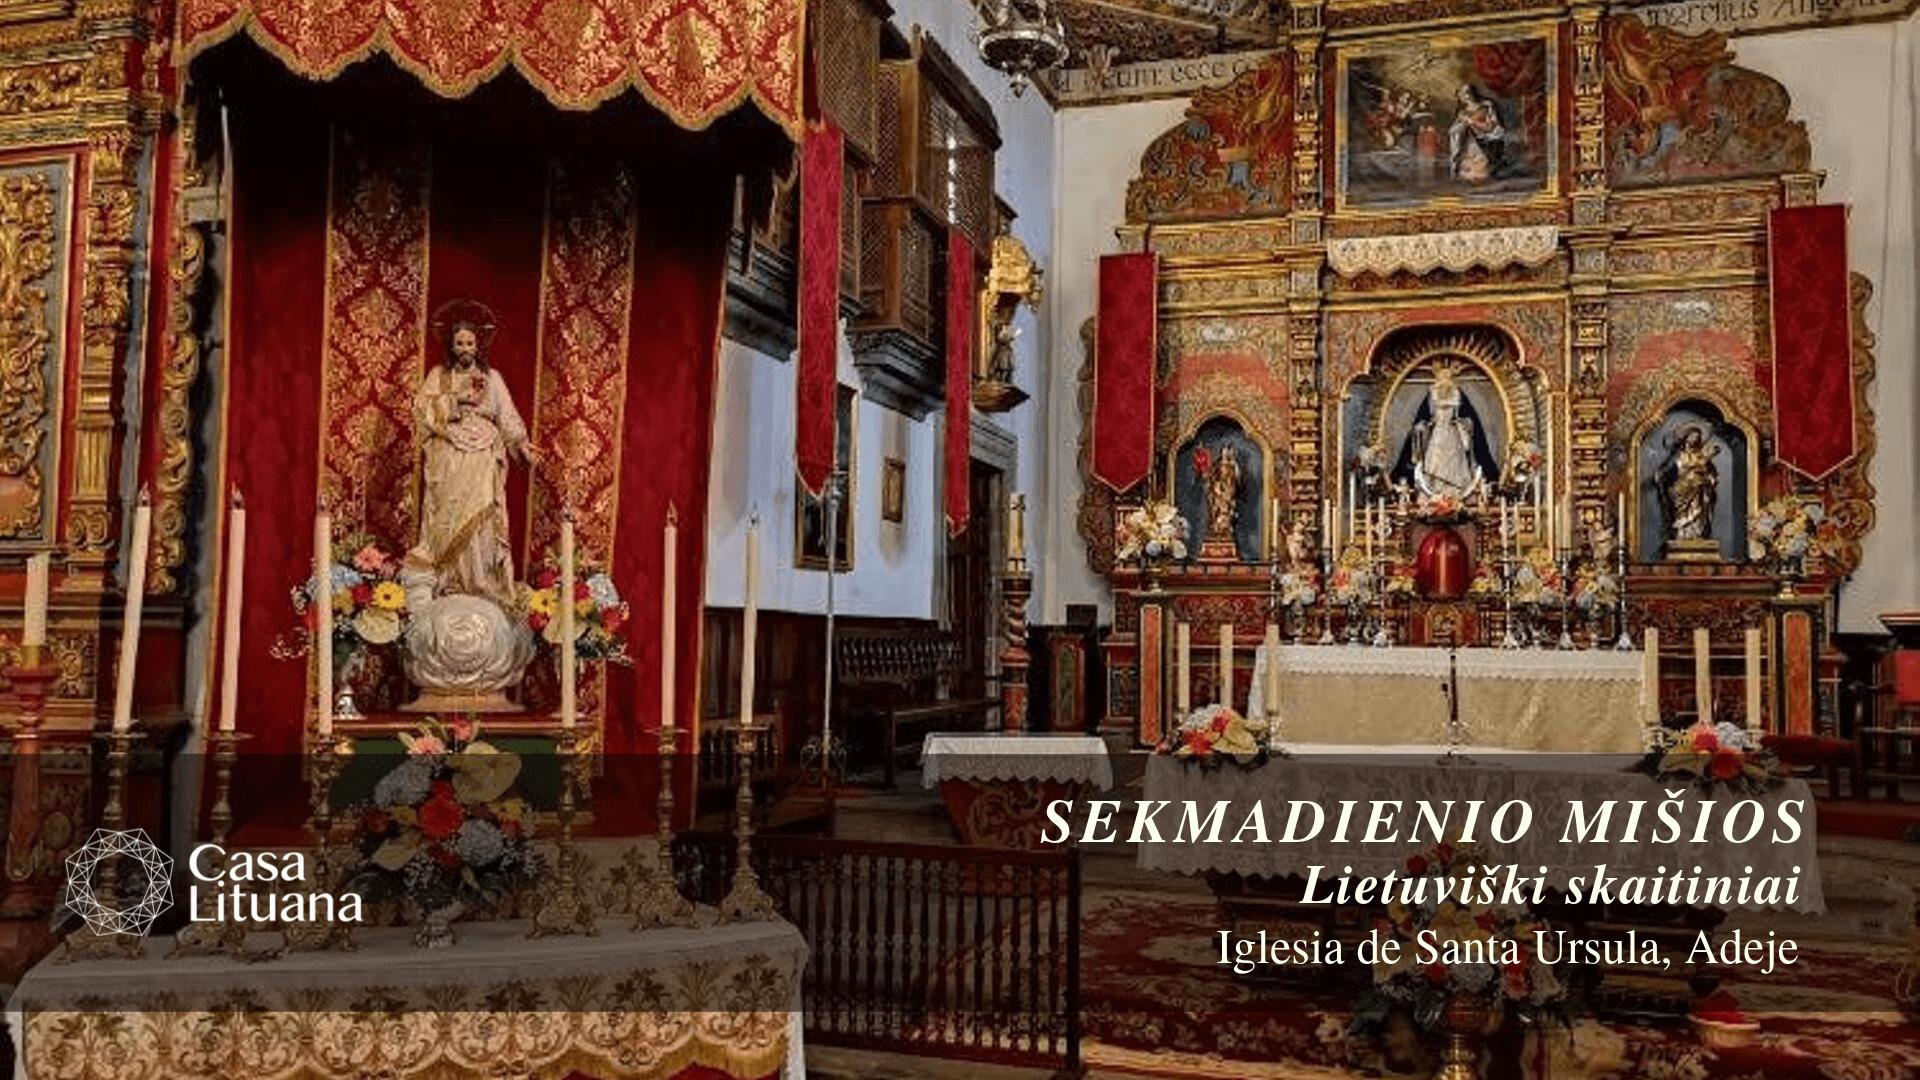 Šv. Mišios | Lietuviški skaitiniai